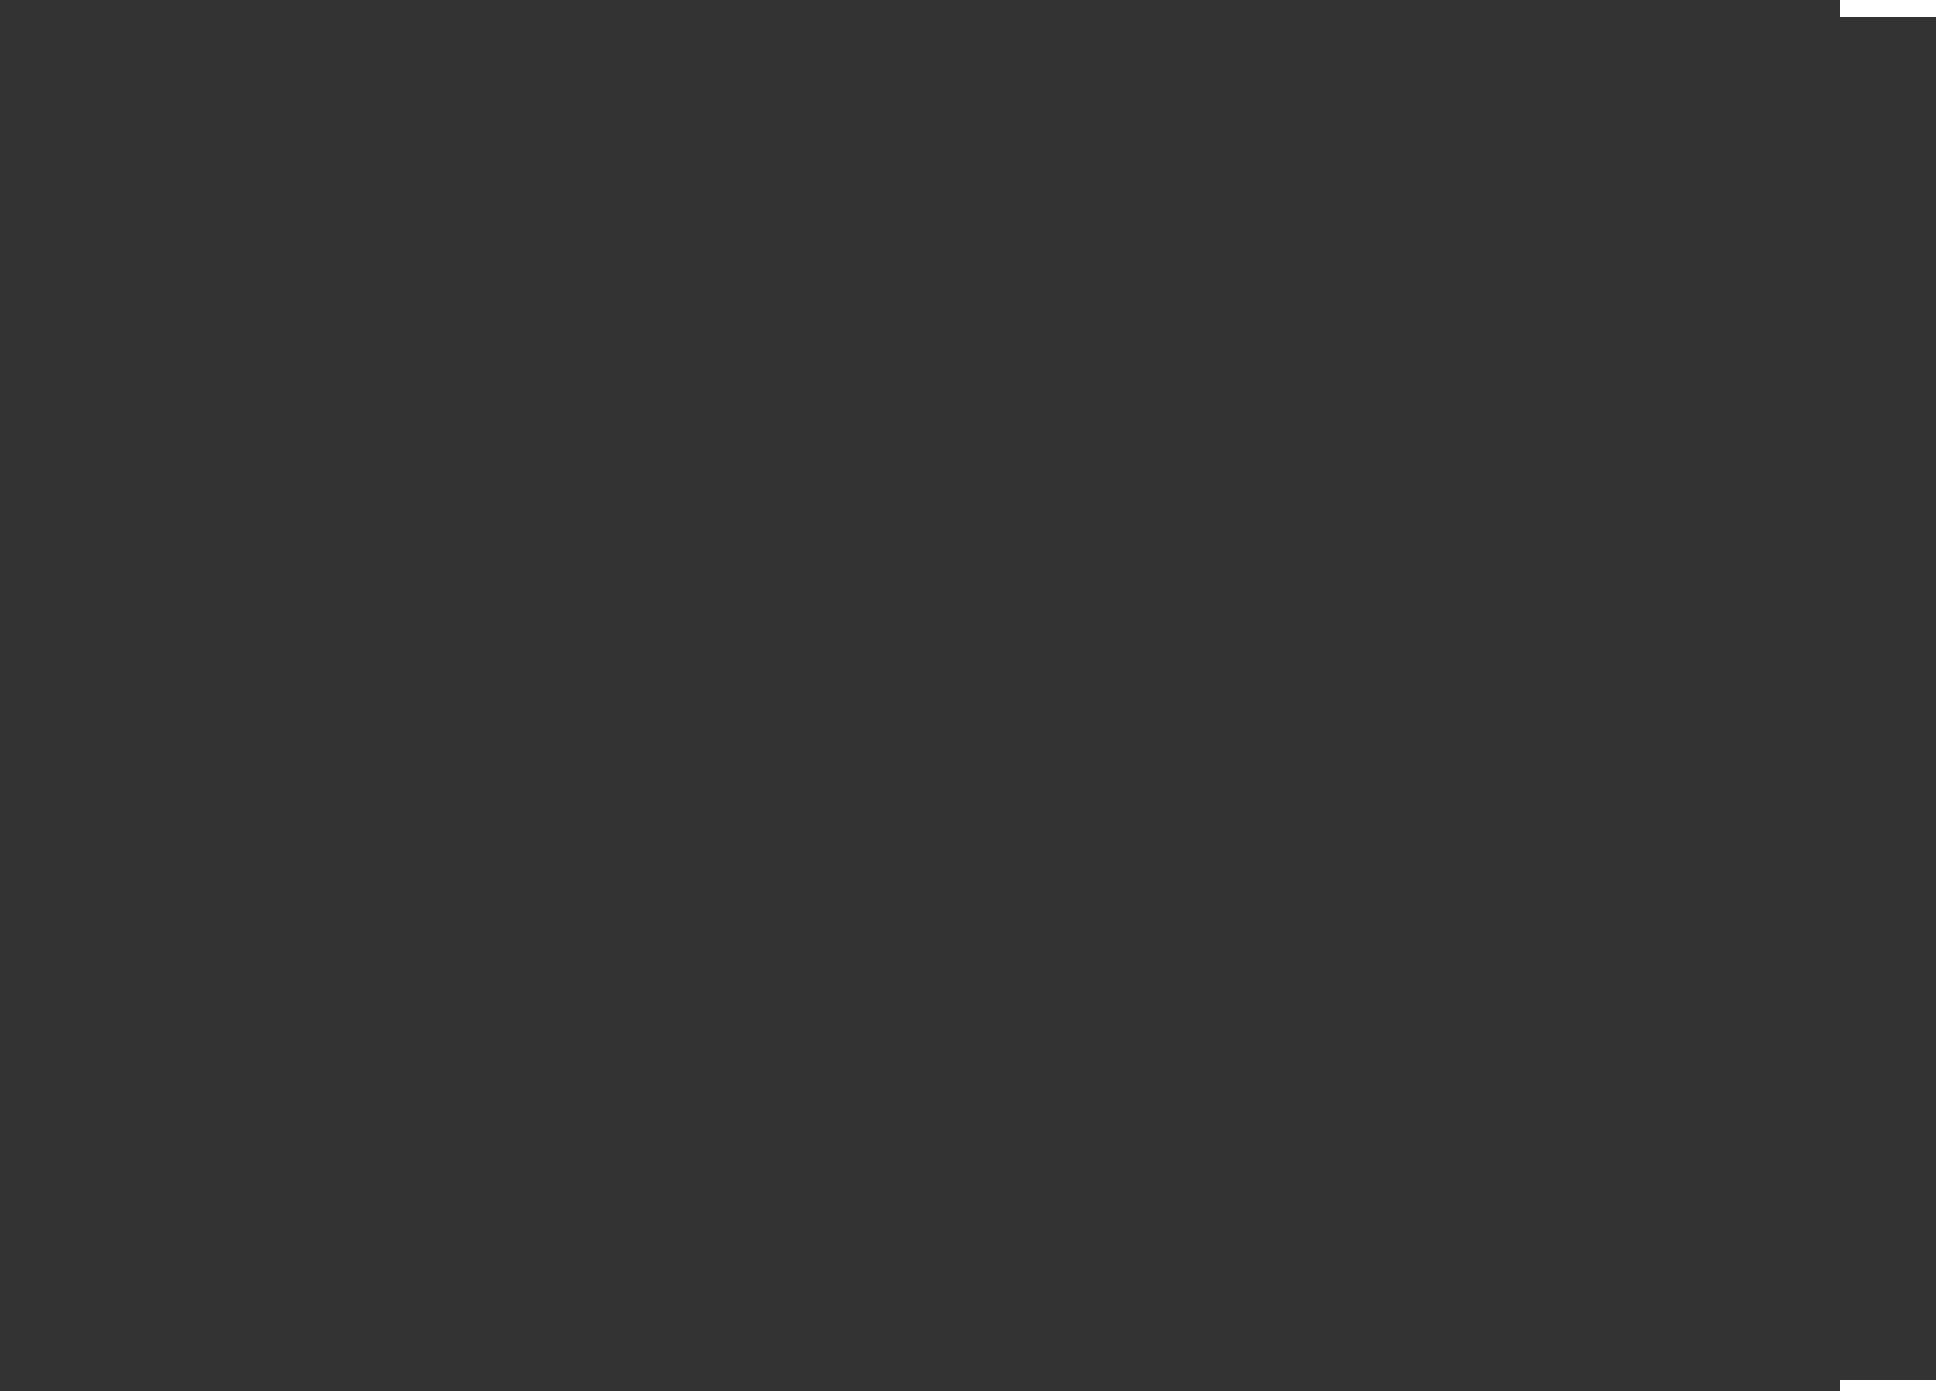 Metal grate png 2 » PNG Image.